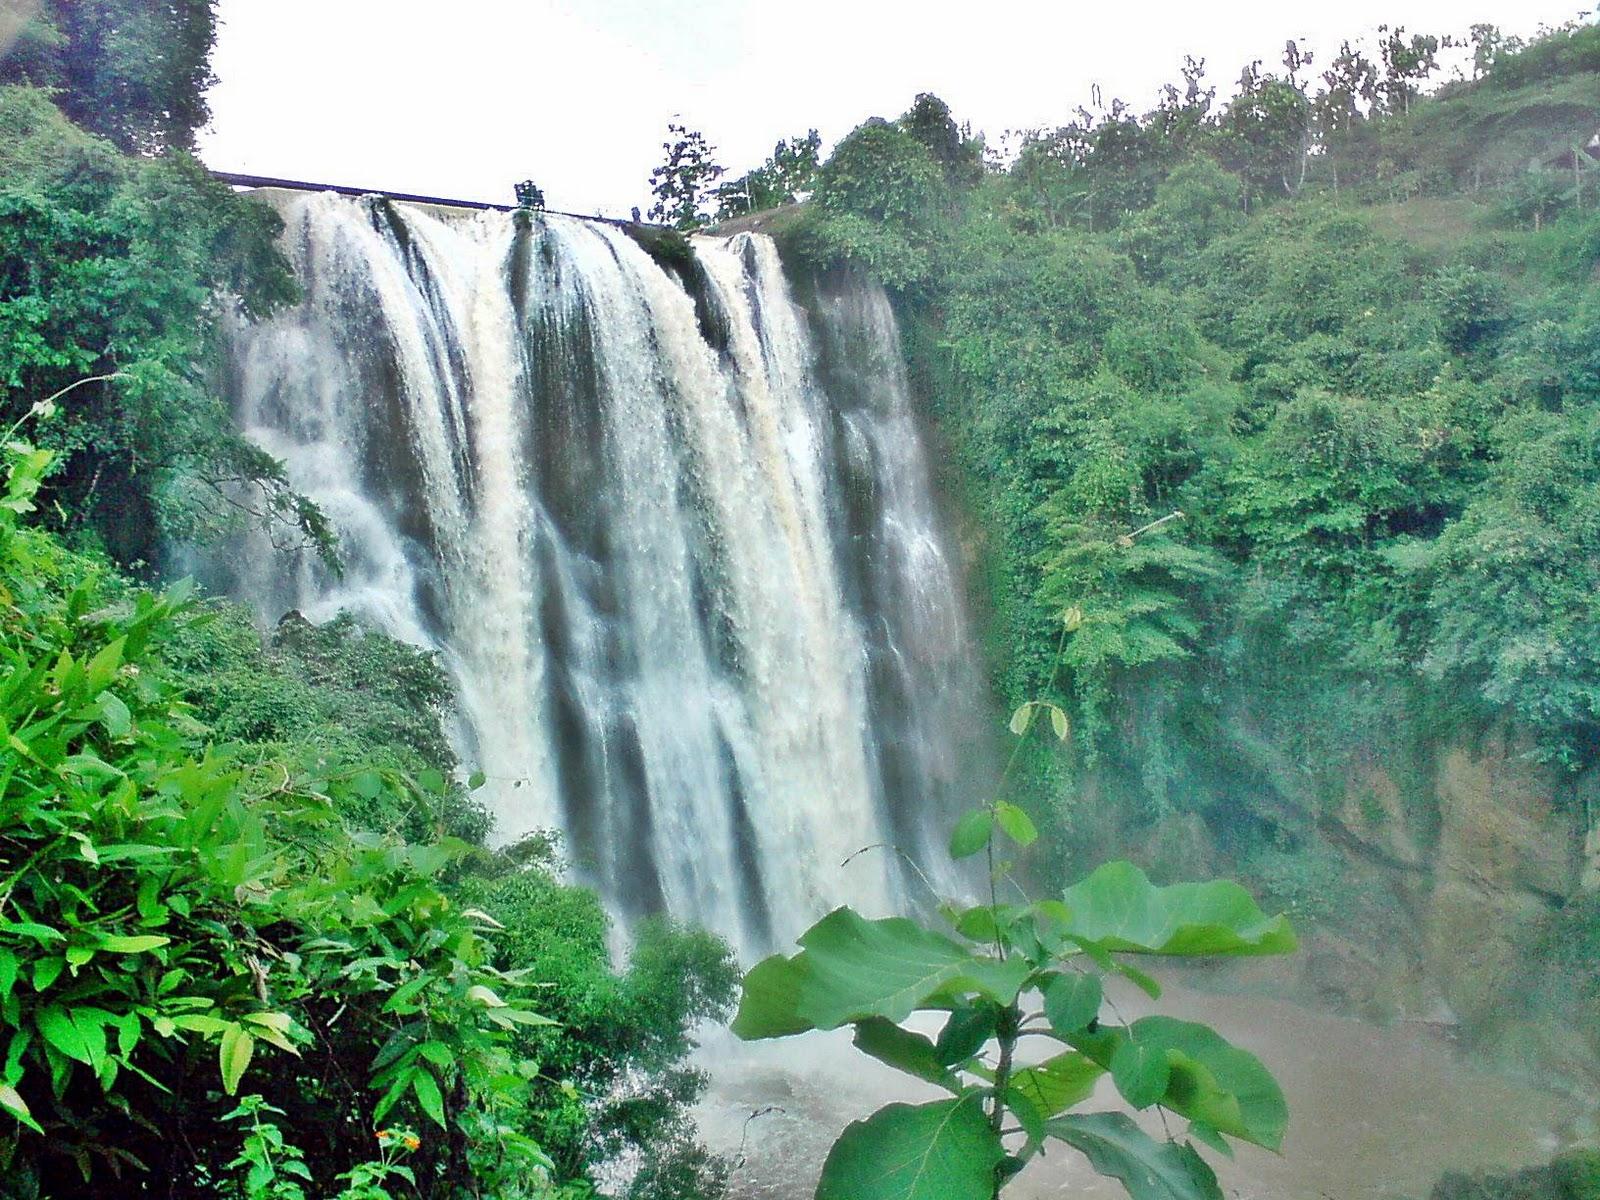 Related Image With Wisata Alam Daerah Jawa Timur